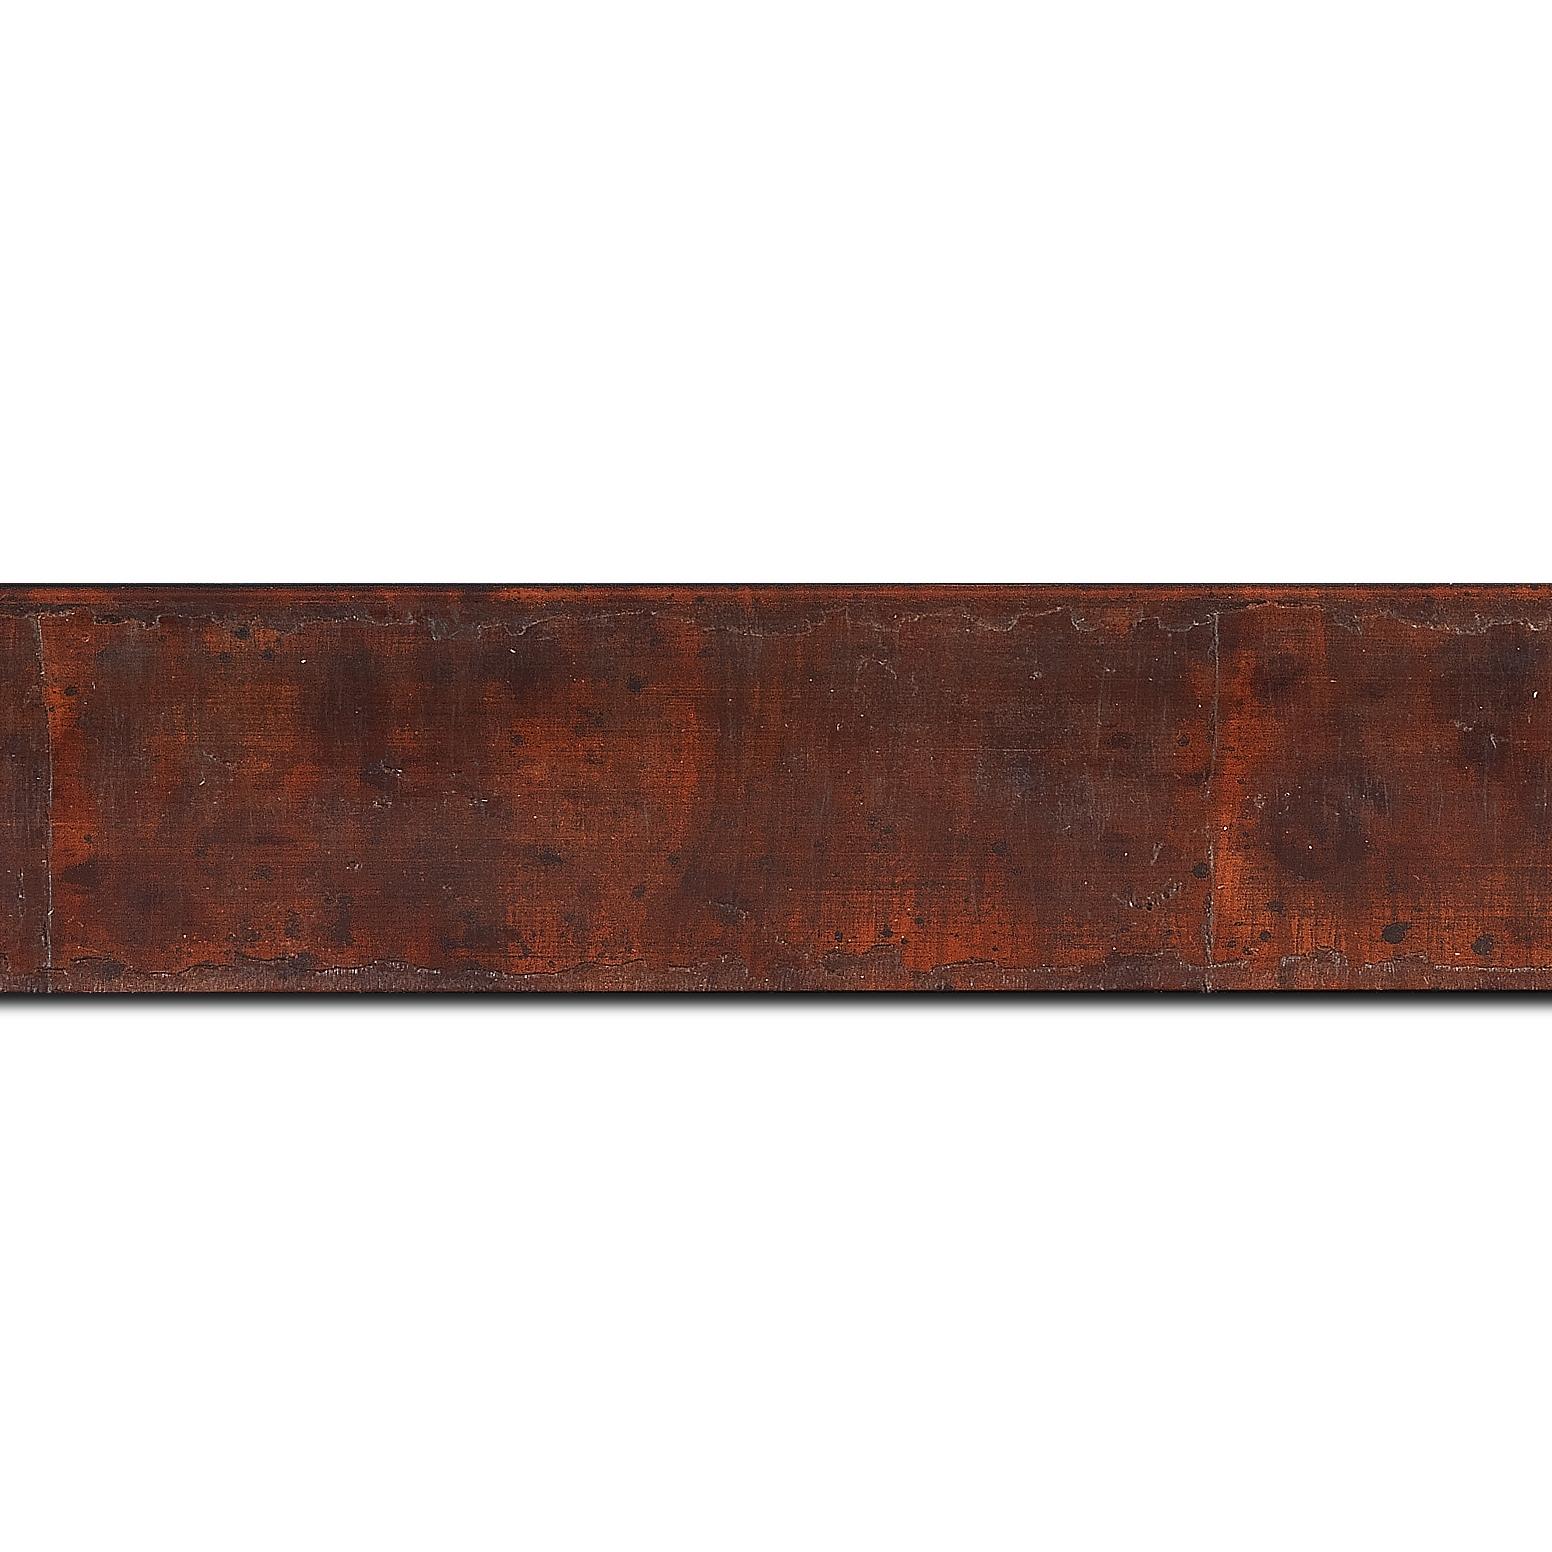 Baguette longueur 1.40m bois profil incurvé largeur 4.1cm couleur marron foncé  effet plaquage